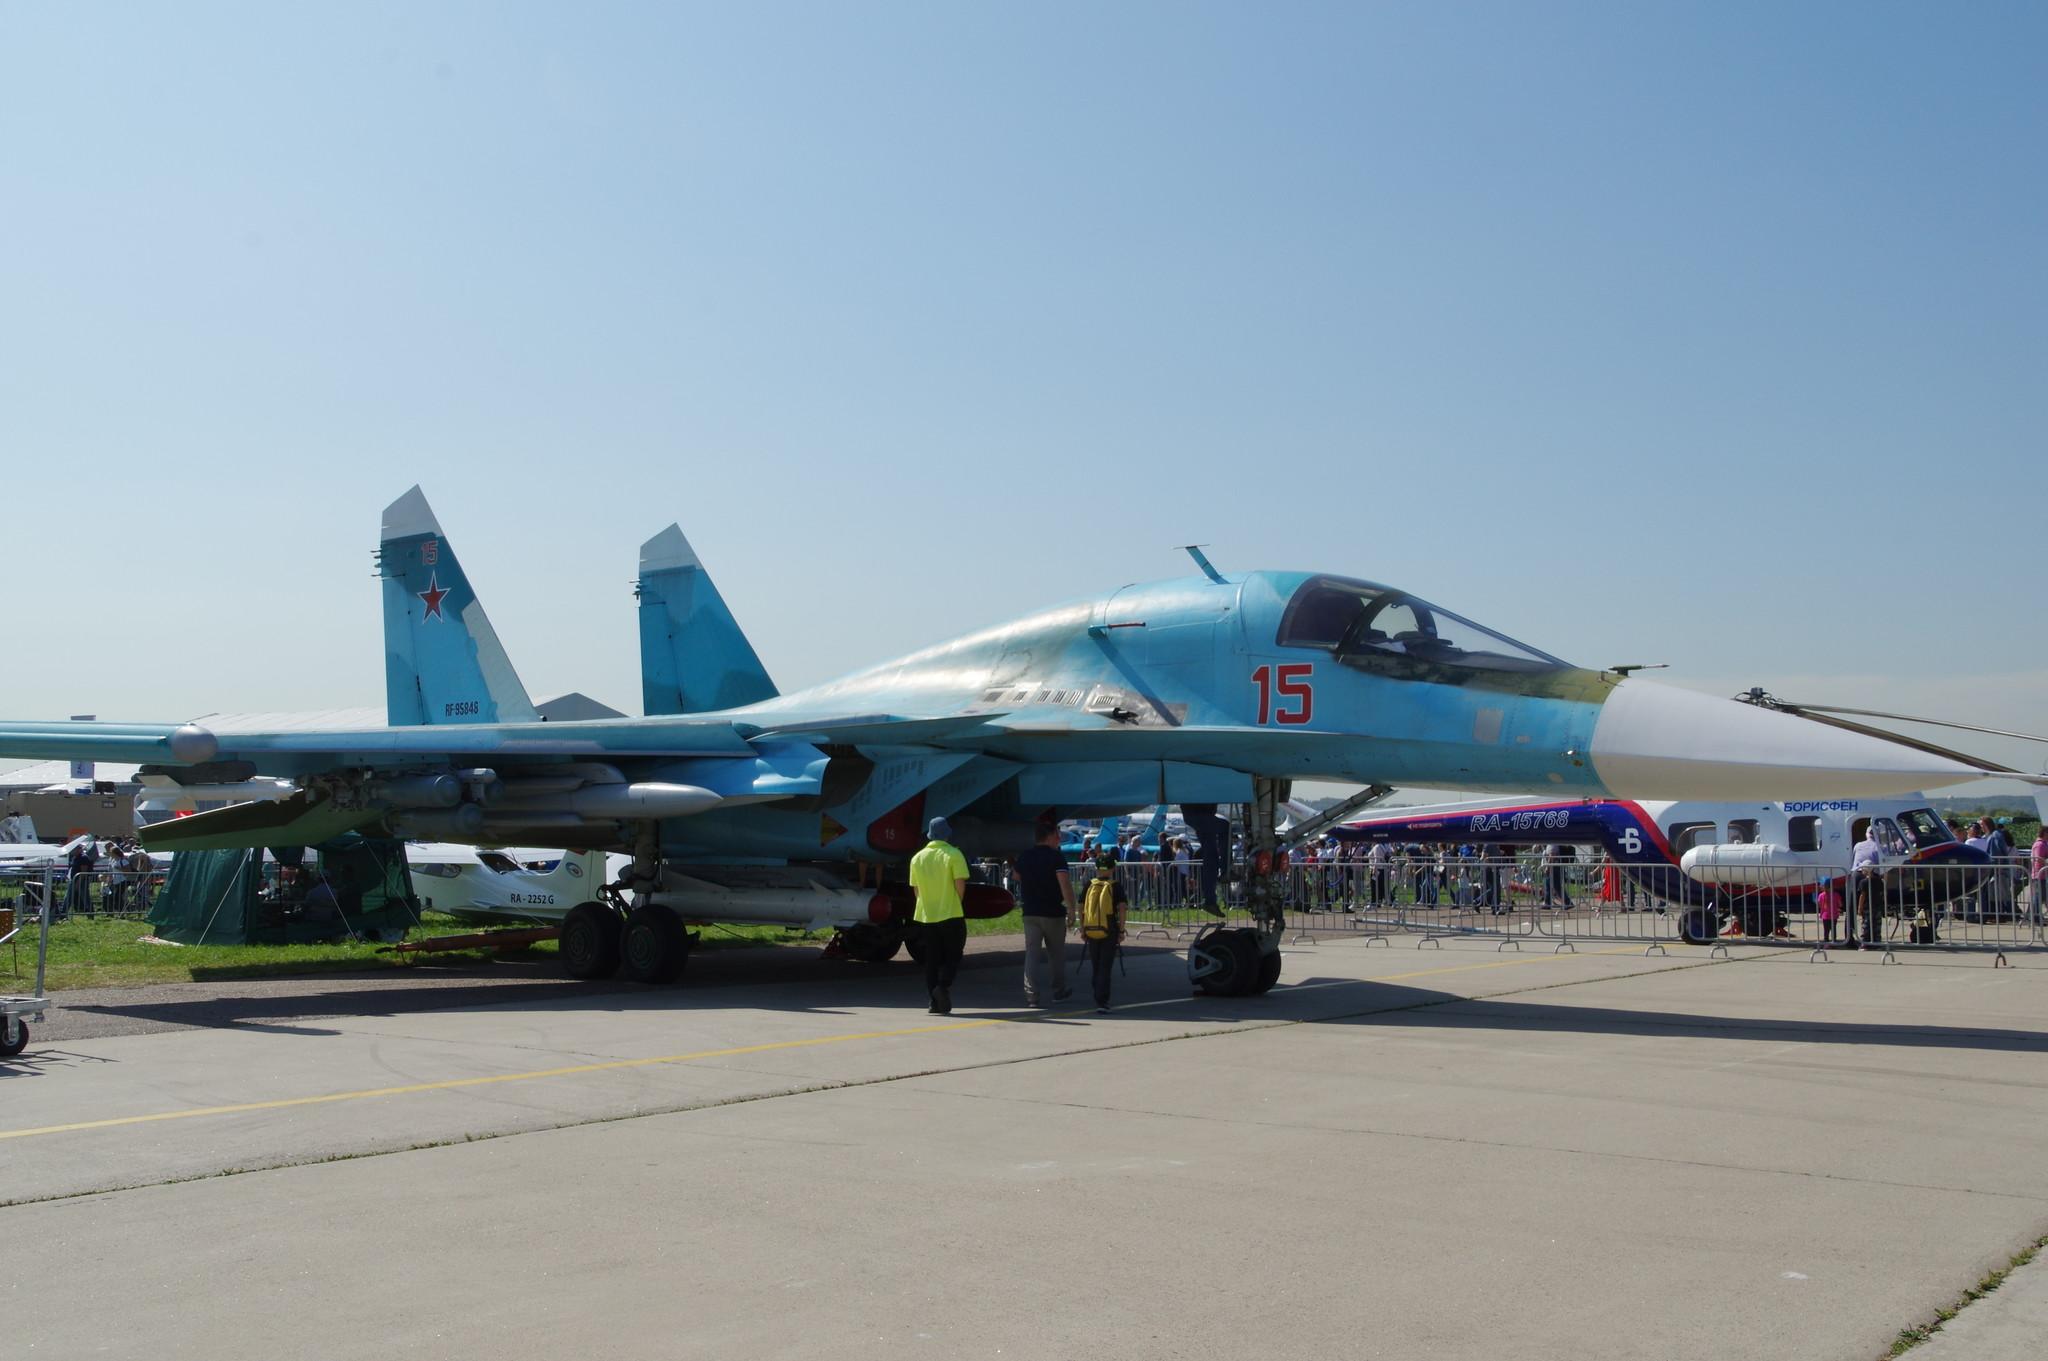 Двухместный многофункциональный истребитель-бомбардировщик Су-32 (экспортное обозначение Су-34)